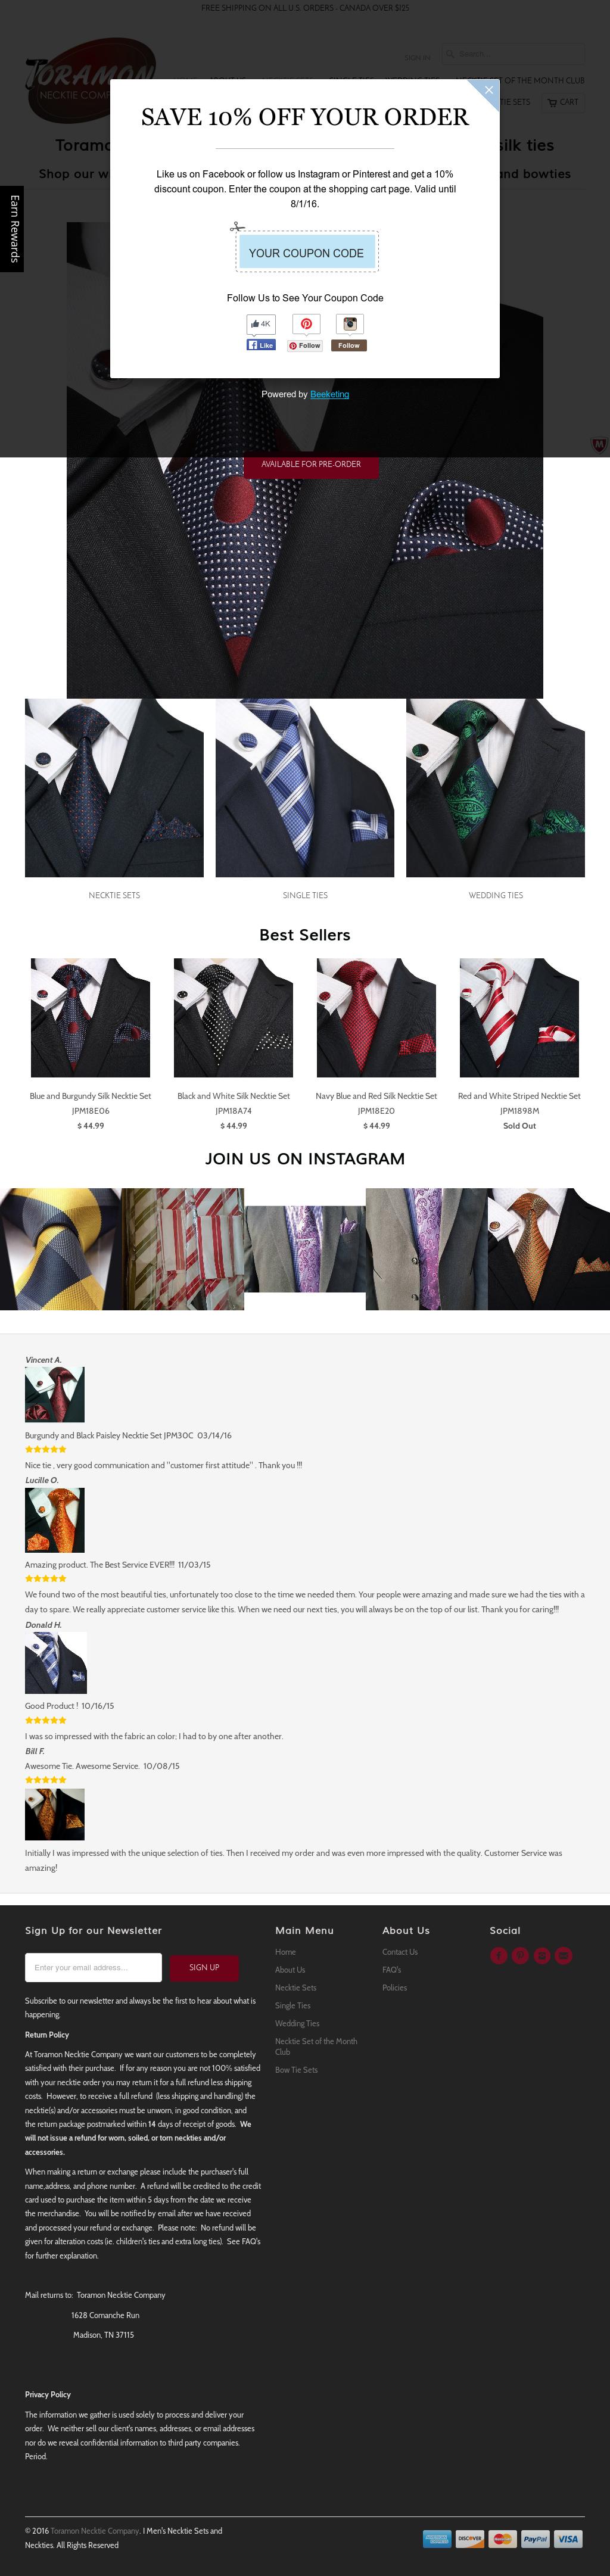 e6f1030cc923 Toramon Necktie Company Competitors, Revenue and Employees - Owler Company  Profile